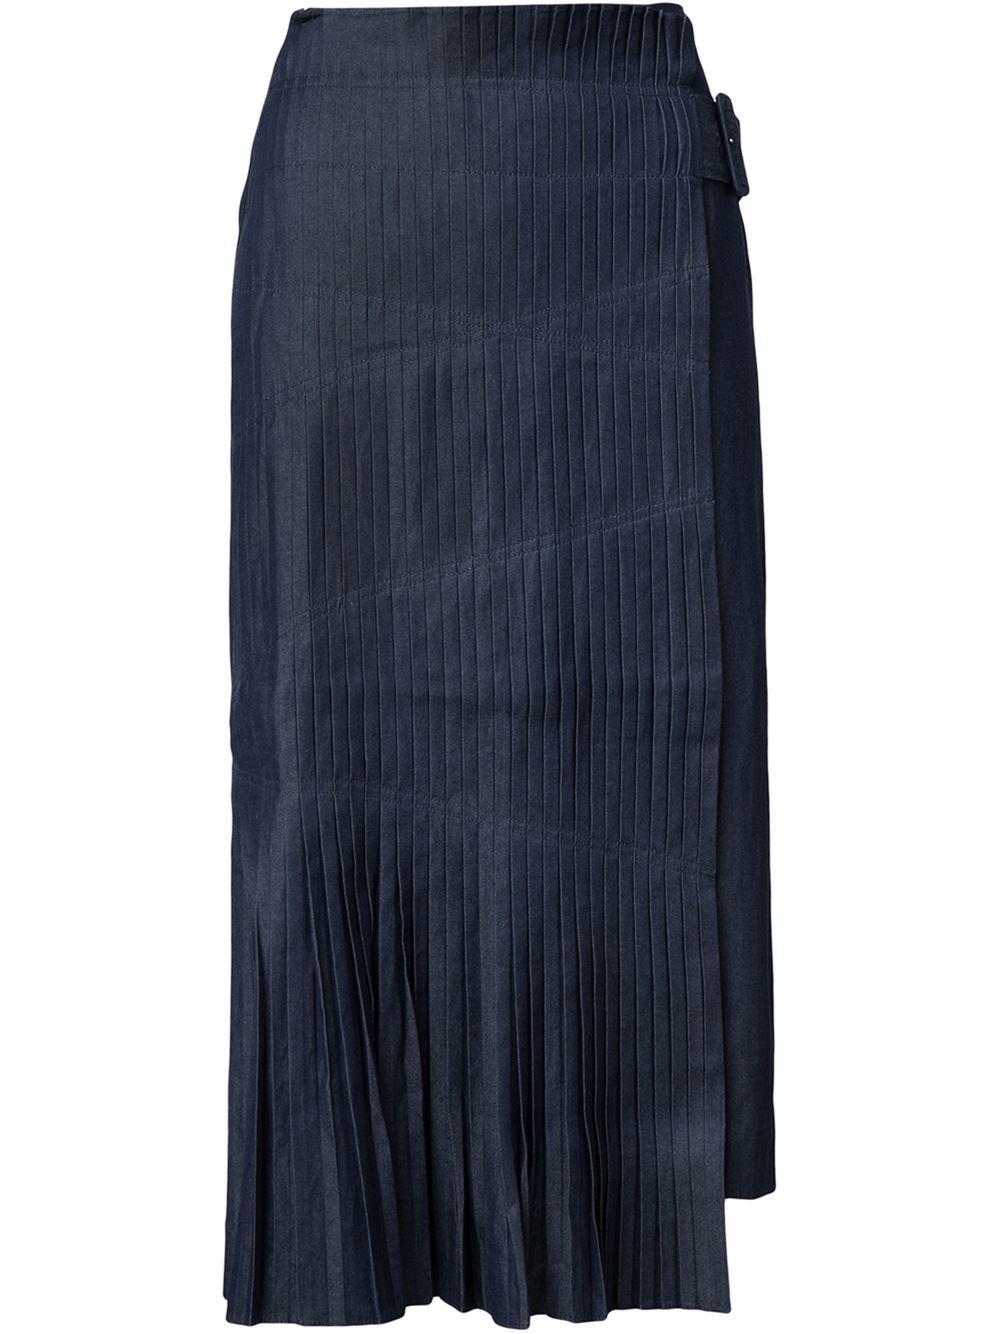 tibi pleated skirt in black lyst